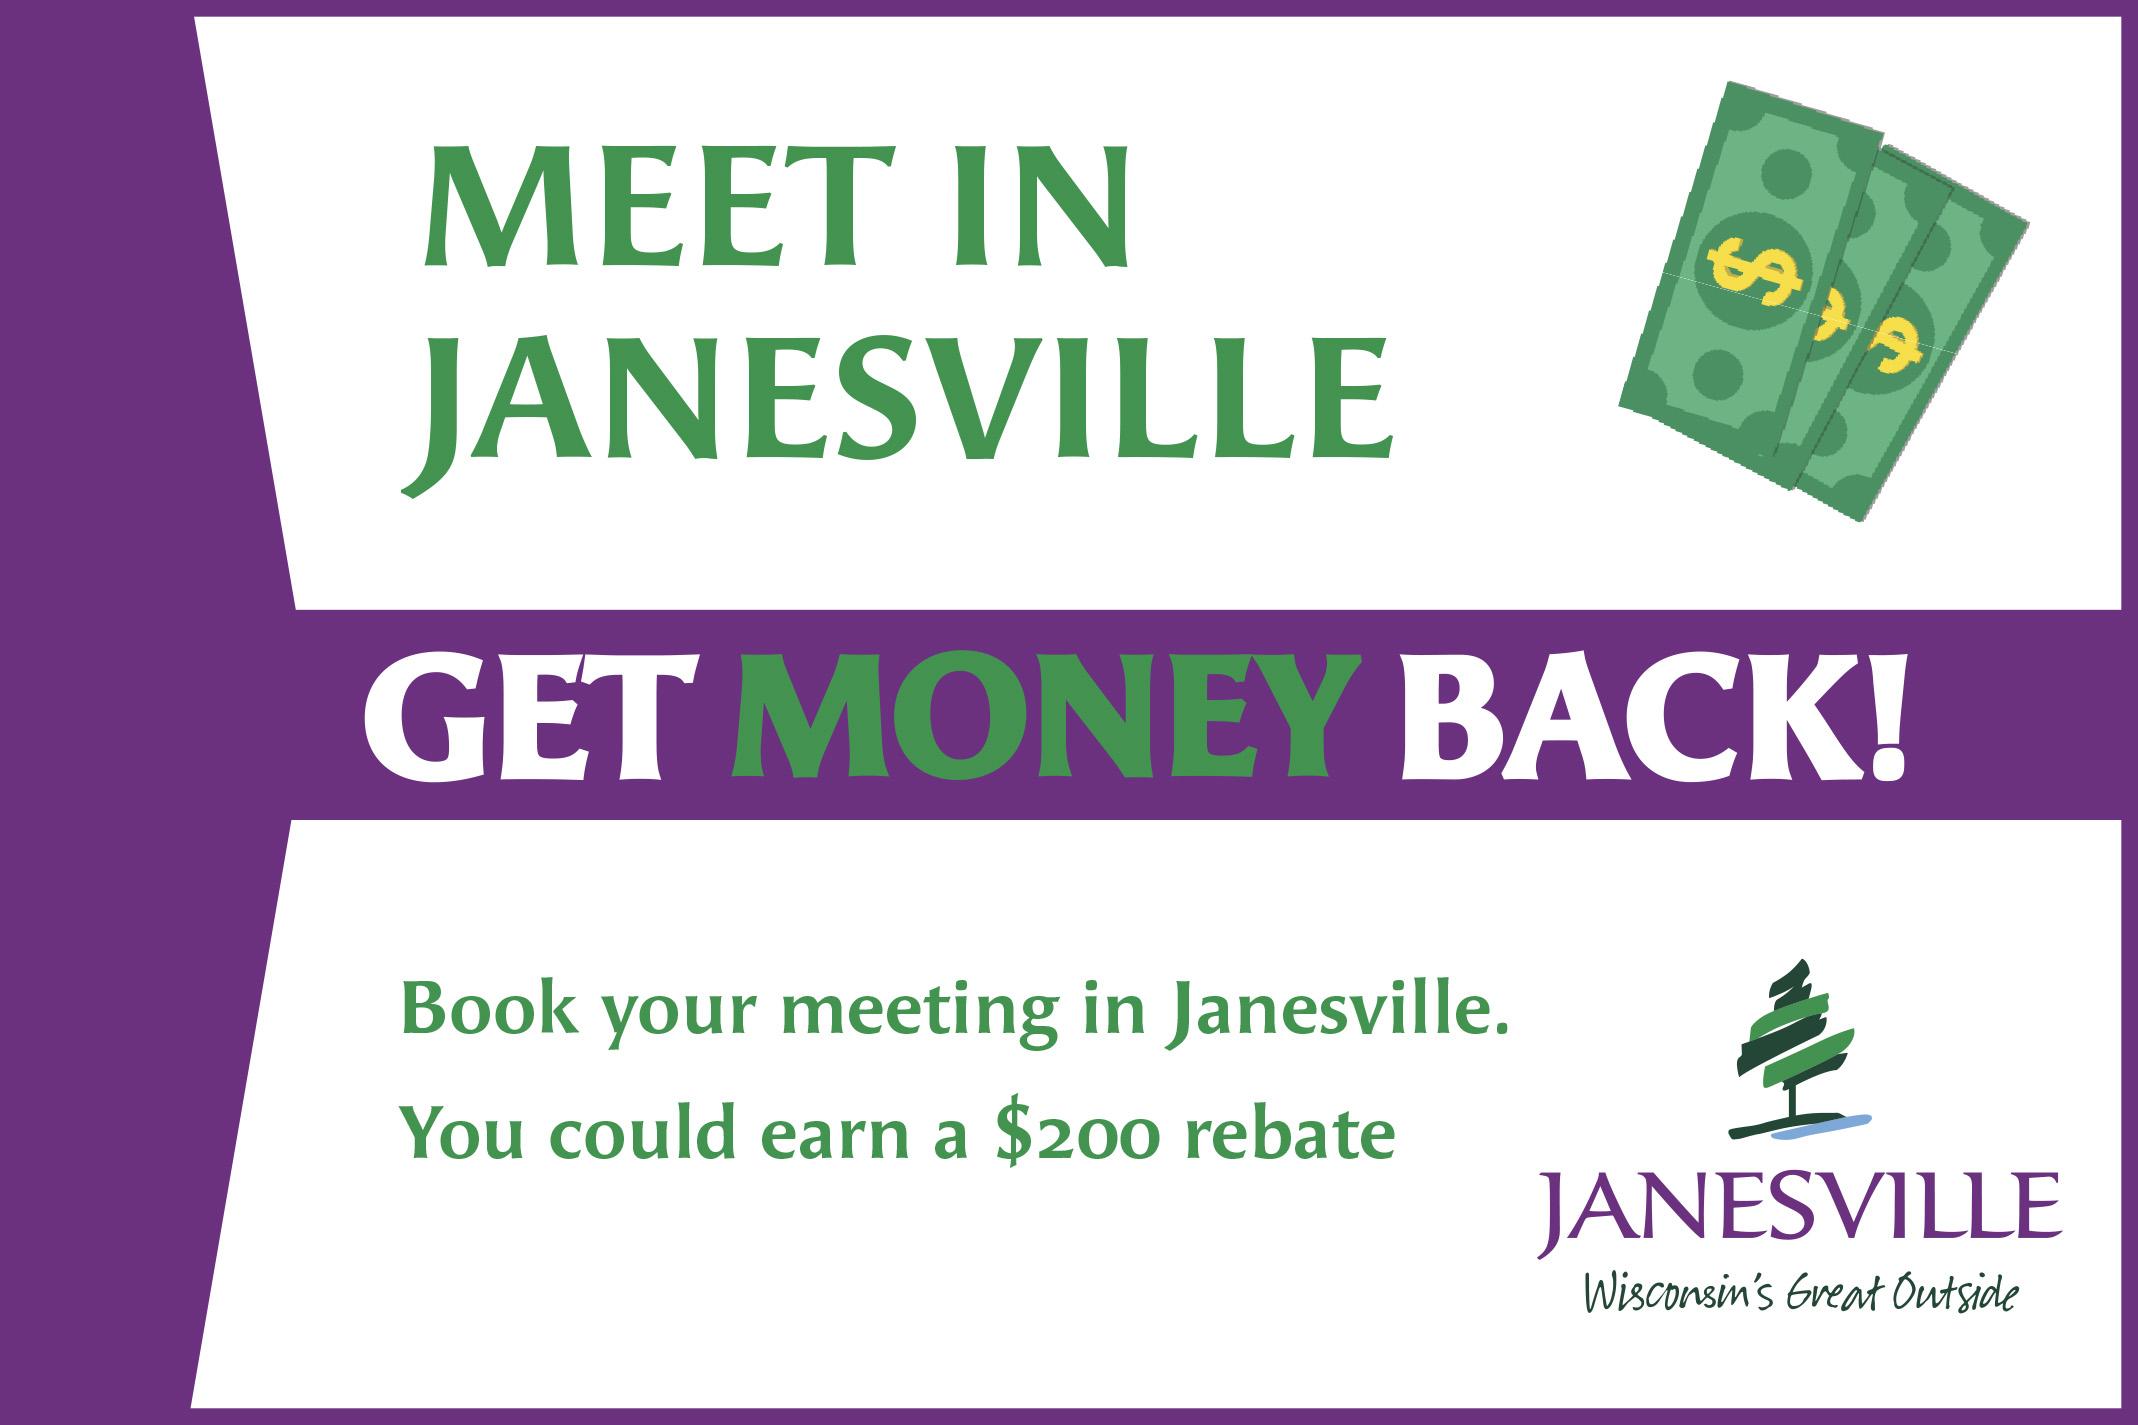 Meet In Janesville